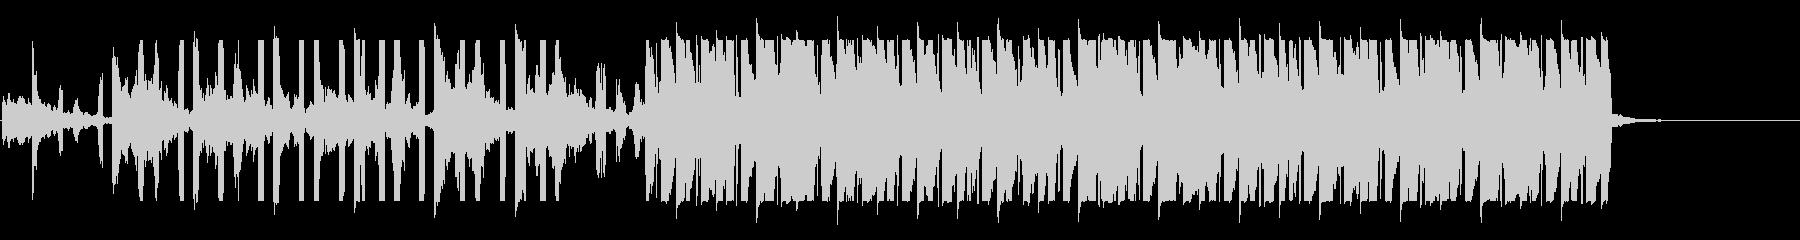 リードのフルートが印象的なハウスの未再生の波形